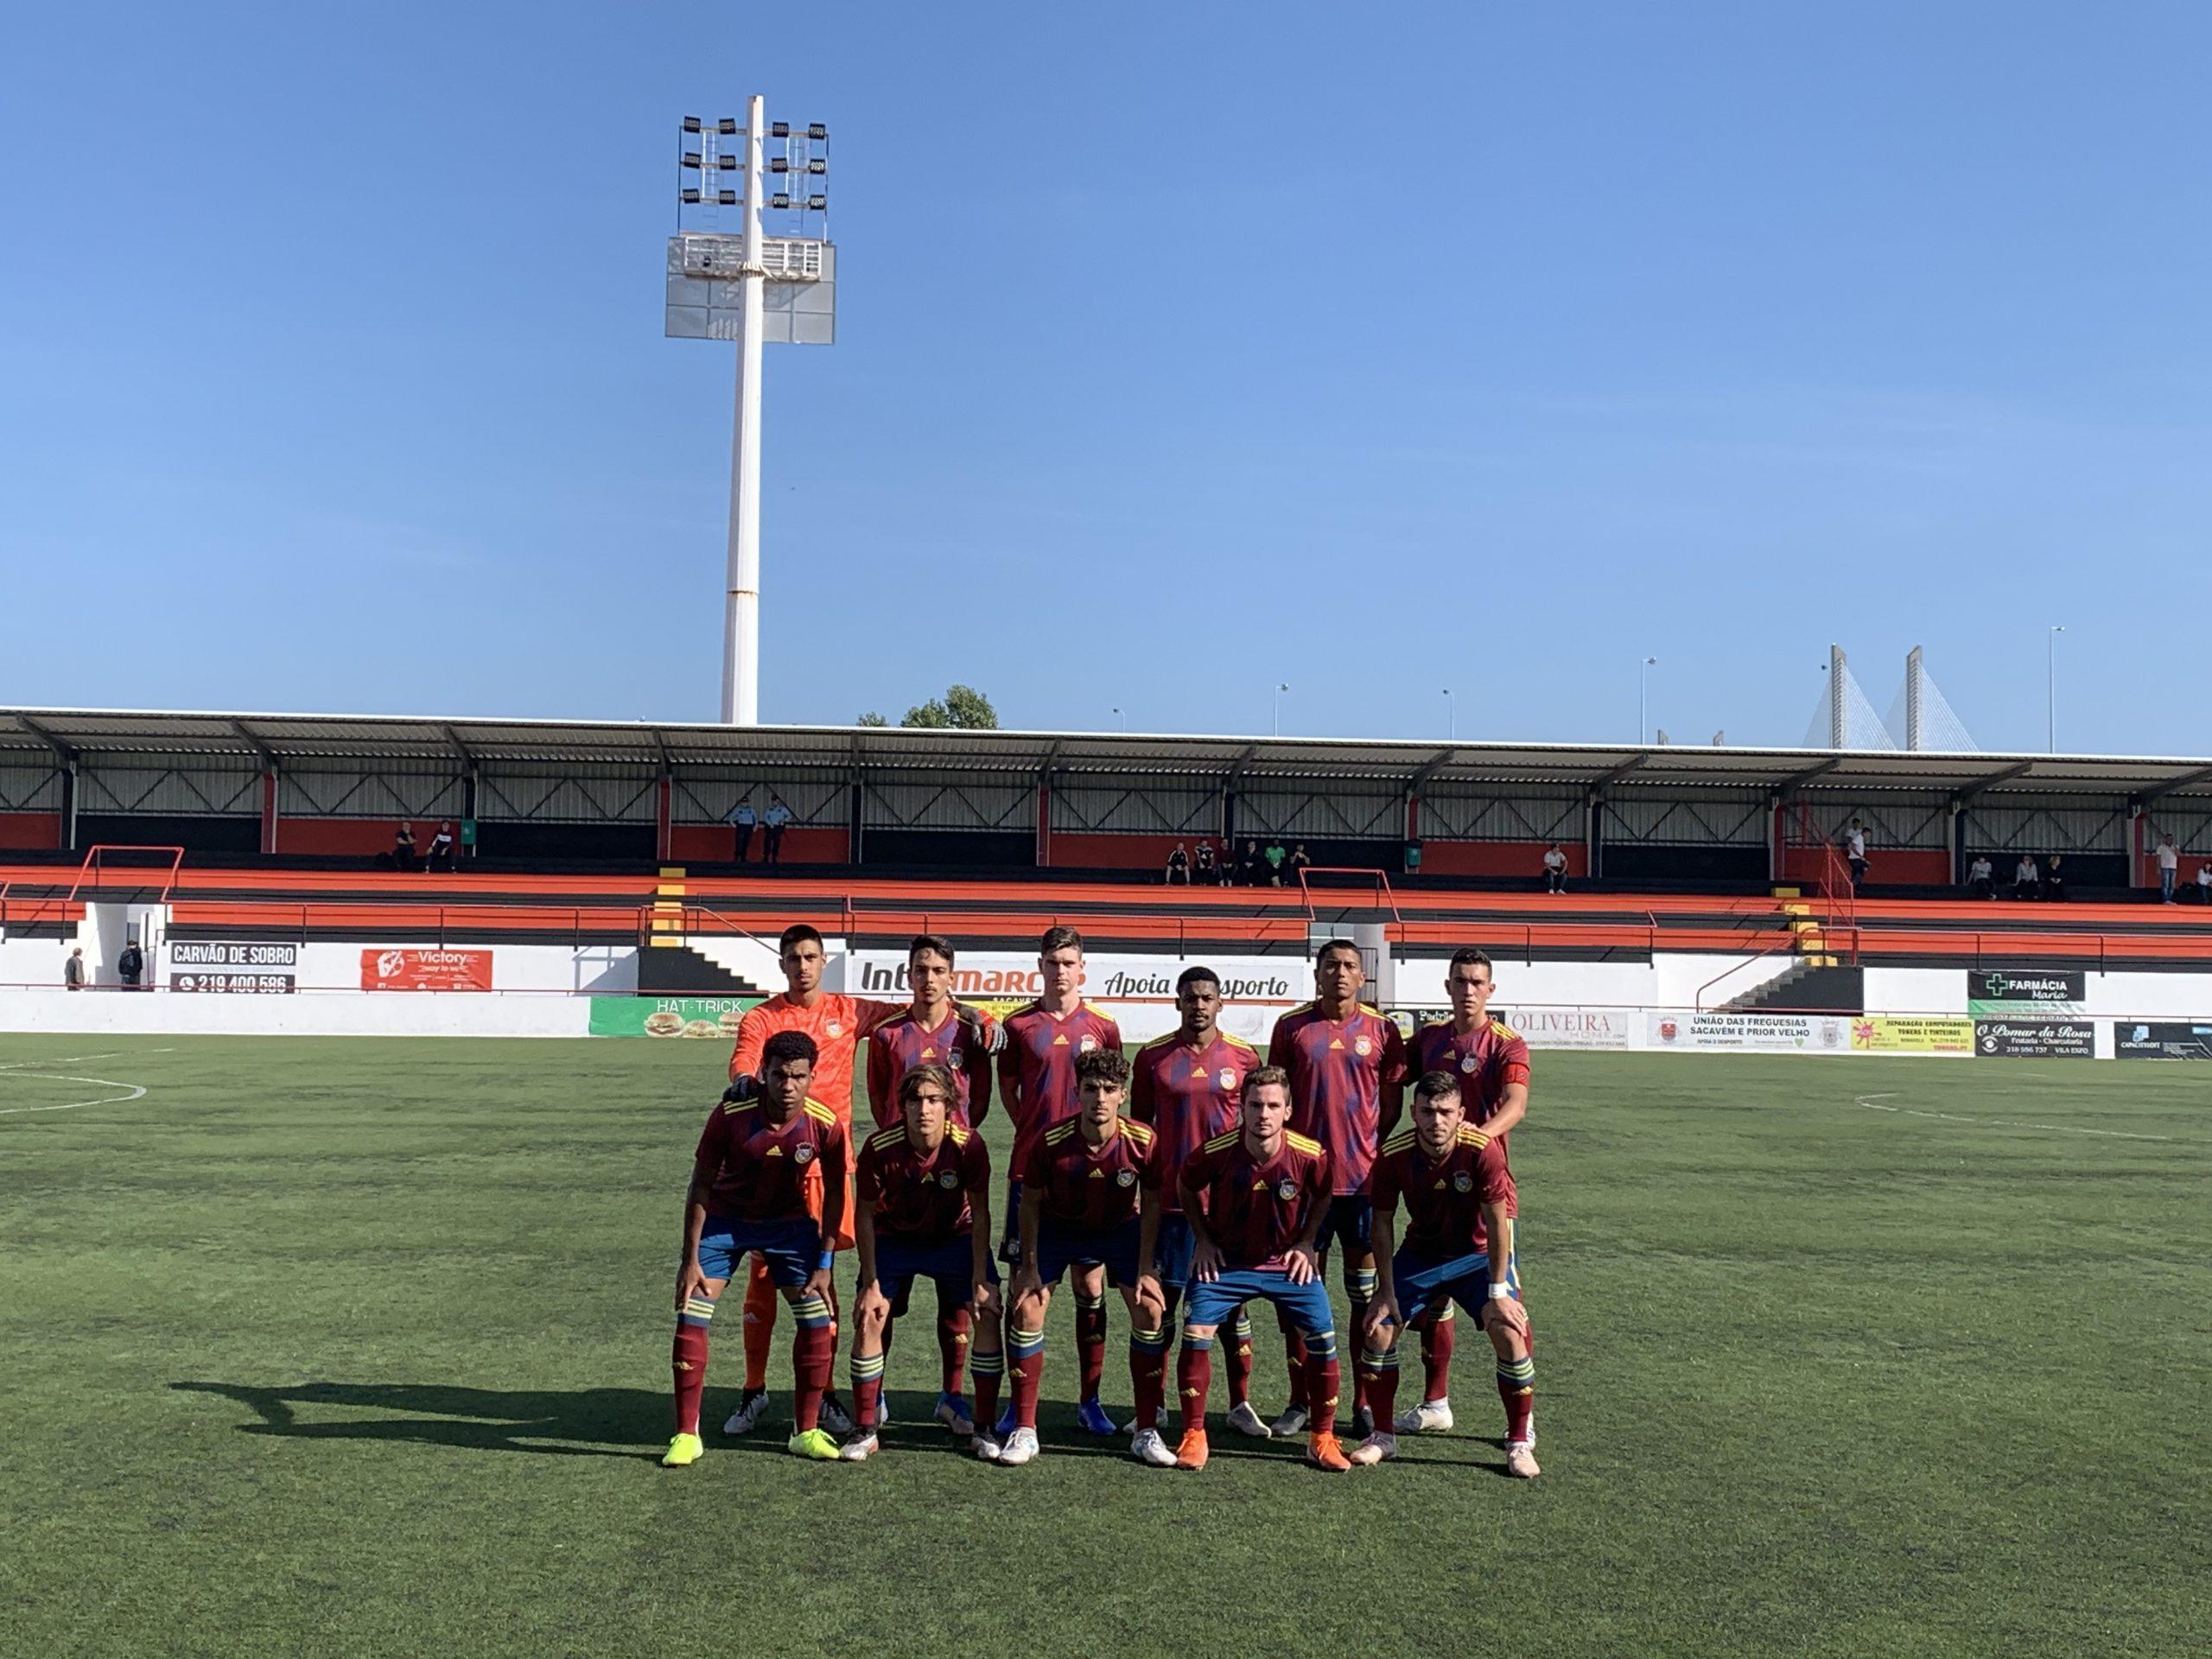 Juniores: Sacavenense 0-1 FC Alverca